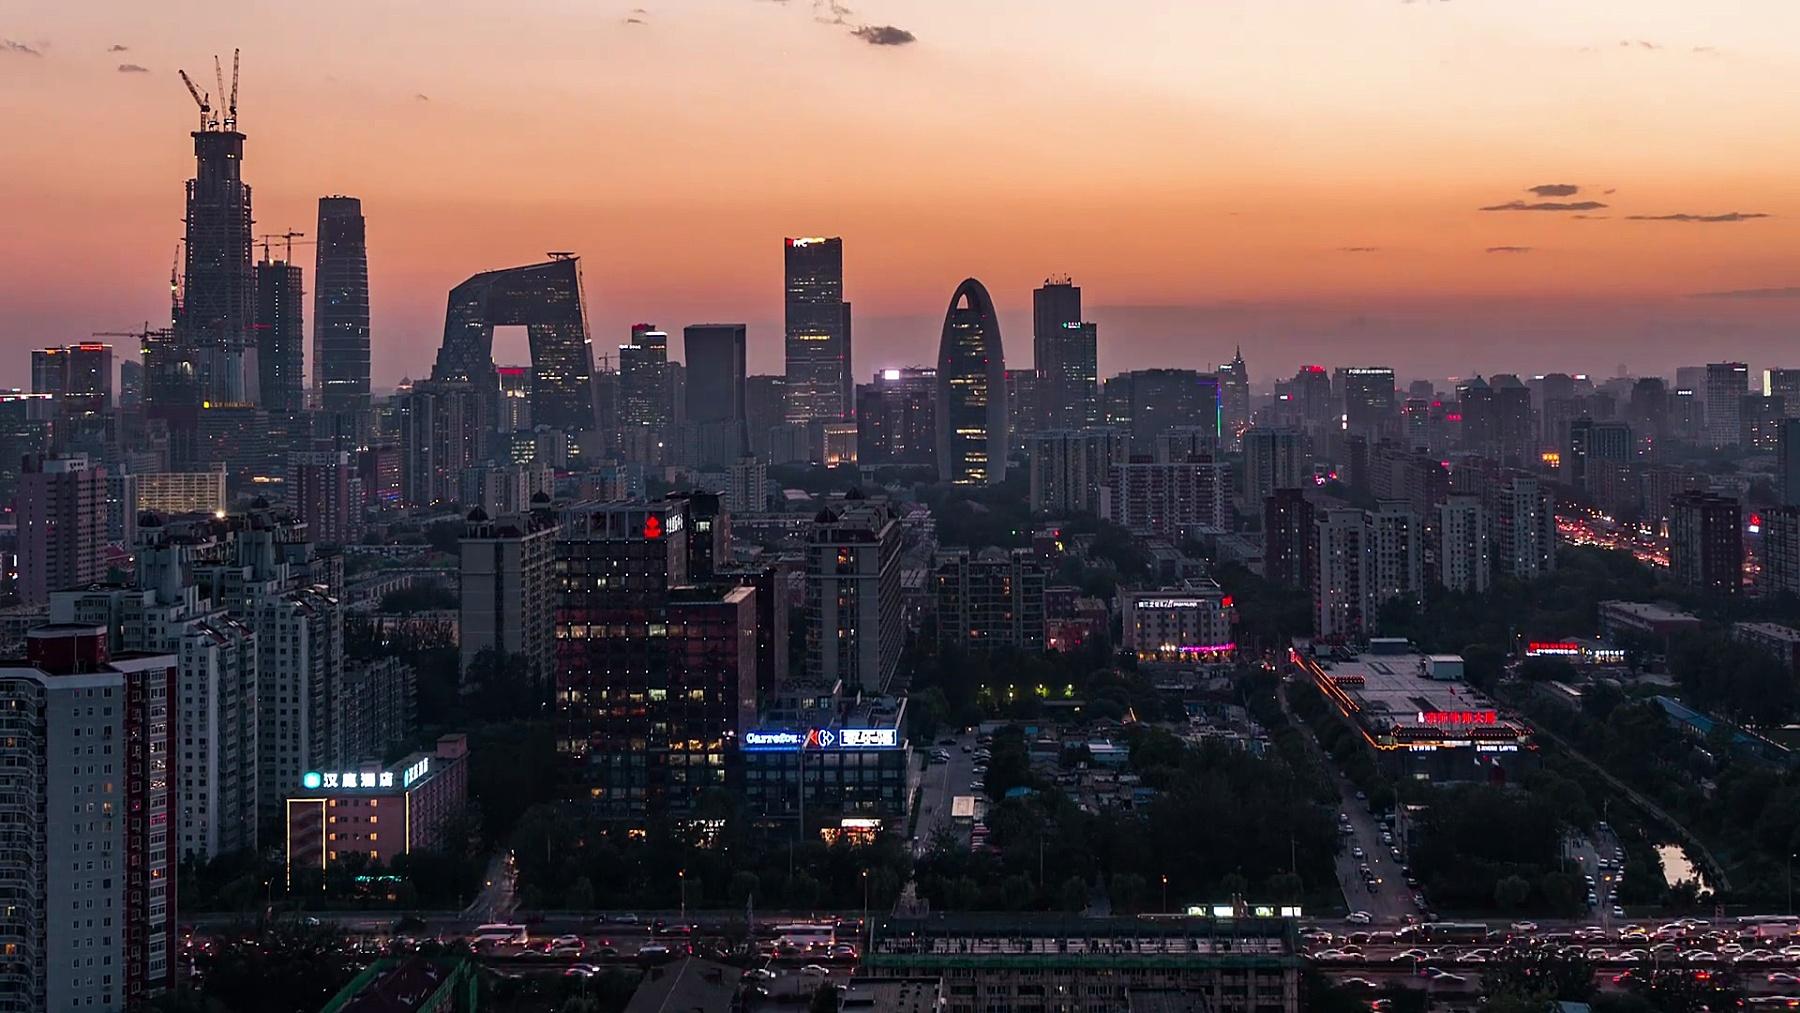 T/L WS HA TU北京市中心,黄昏到夜间过渡/北京,中国